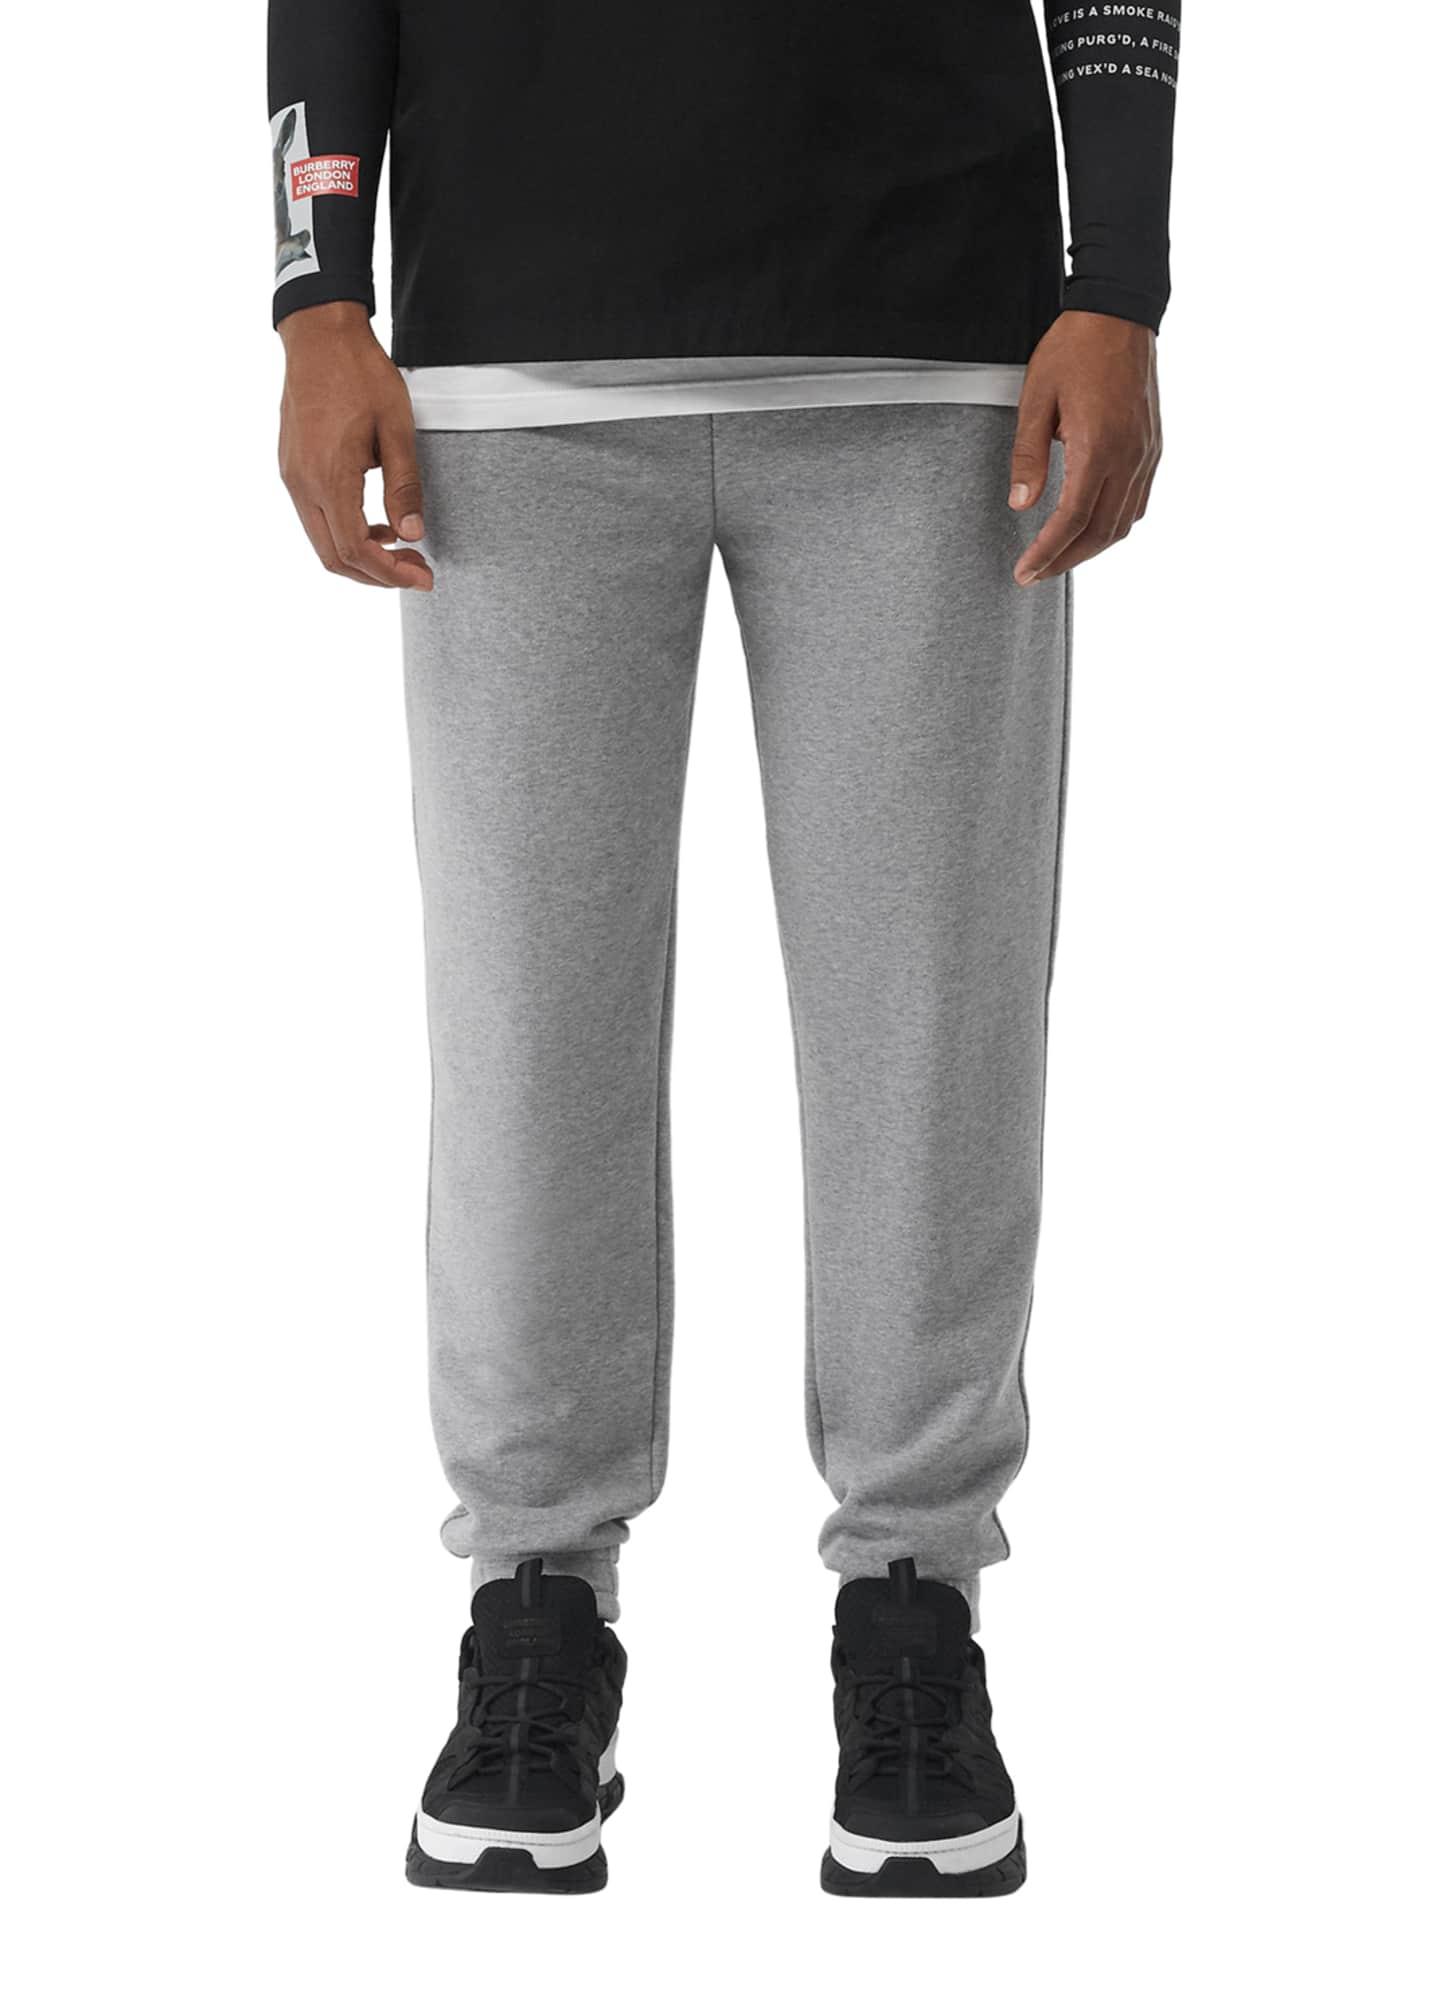 Burberry Men's Oliver Cotton Sweatpants